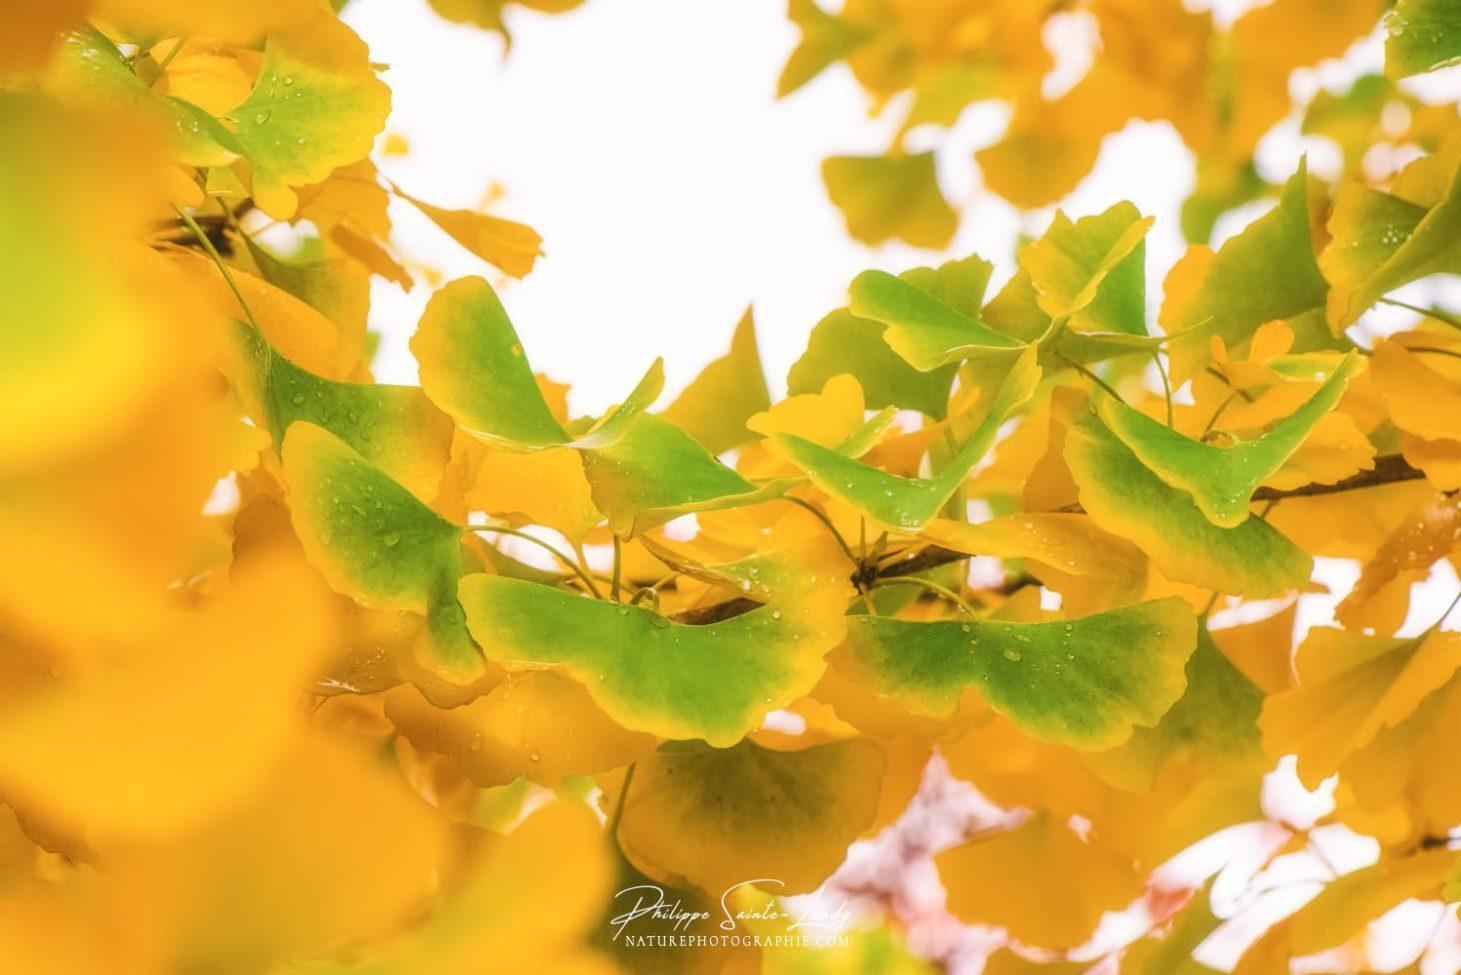 Des feuilles de ginkgo qui ressemblent à des papillons